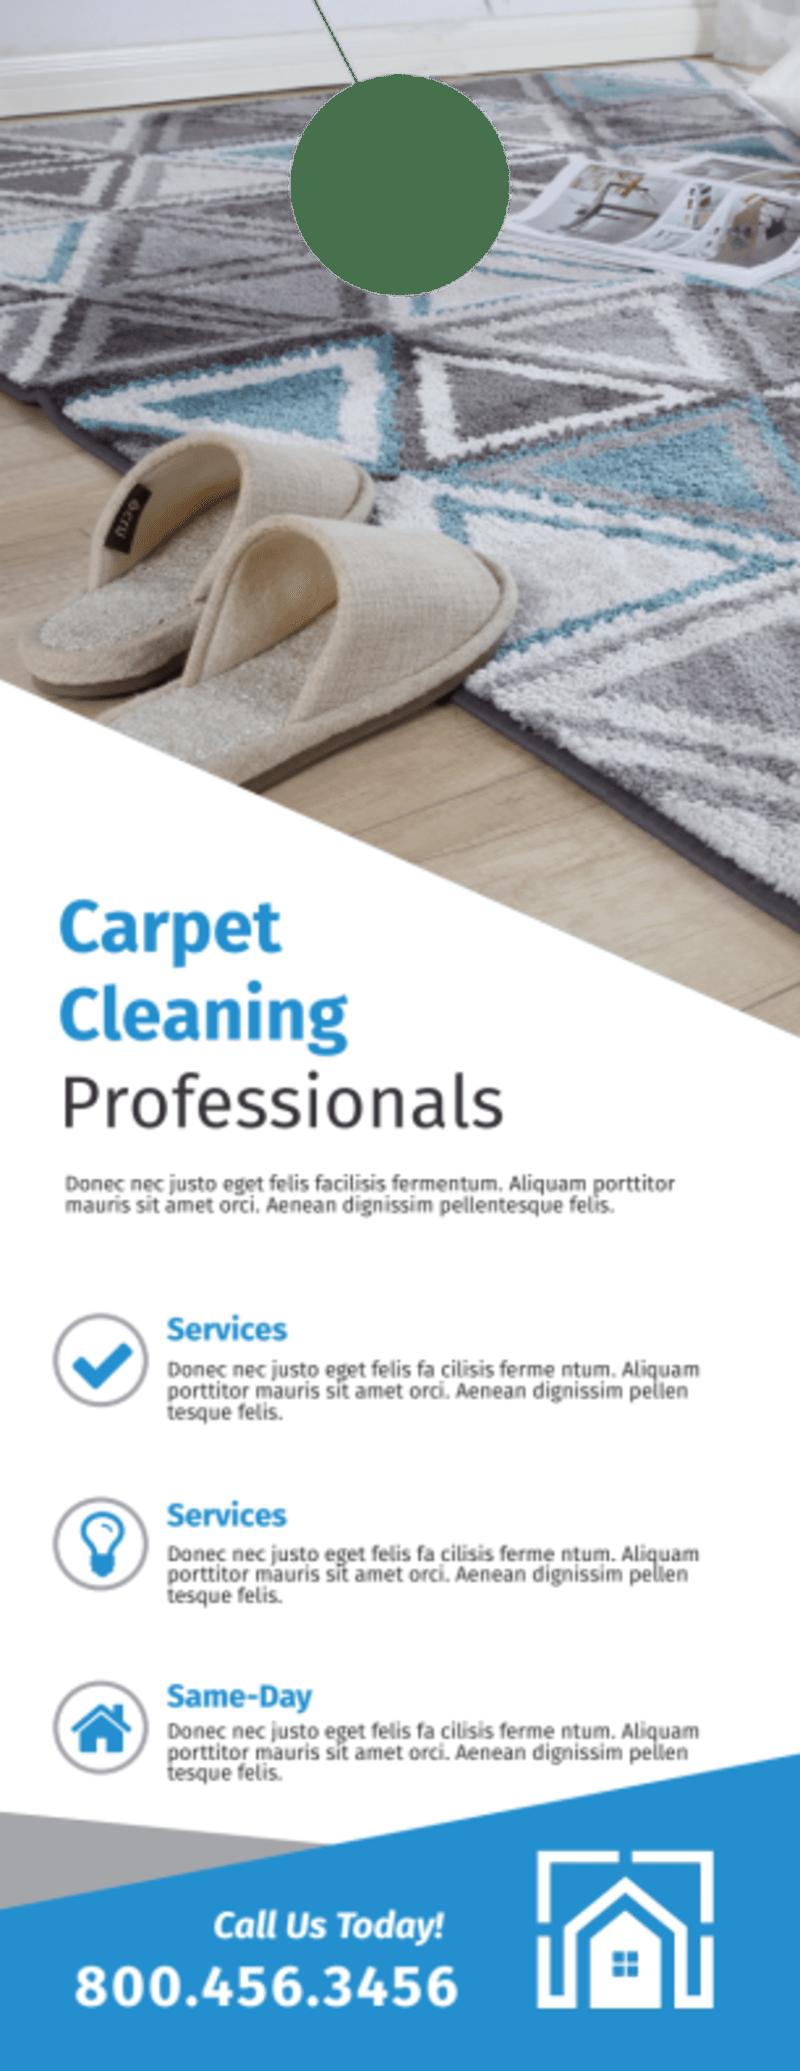 Carpet Cleaning Professionals Door Hanger Template Preview 2